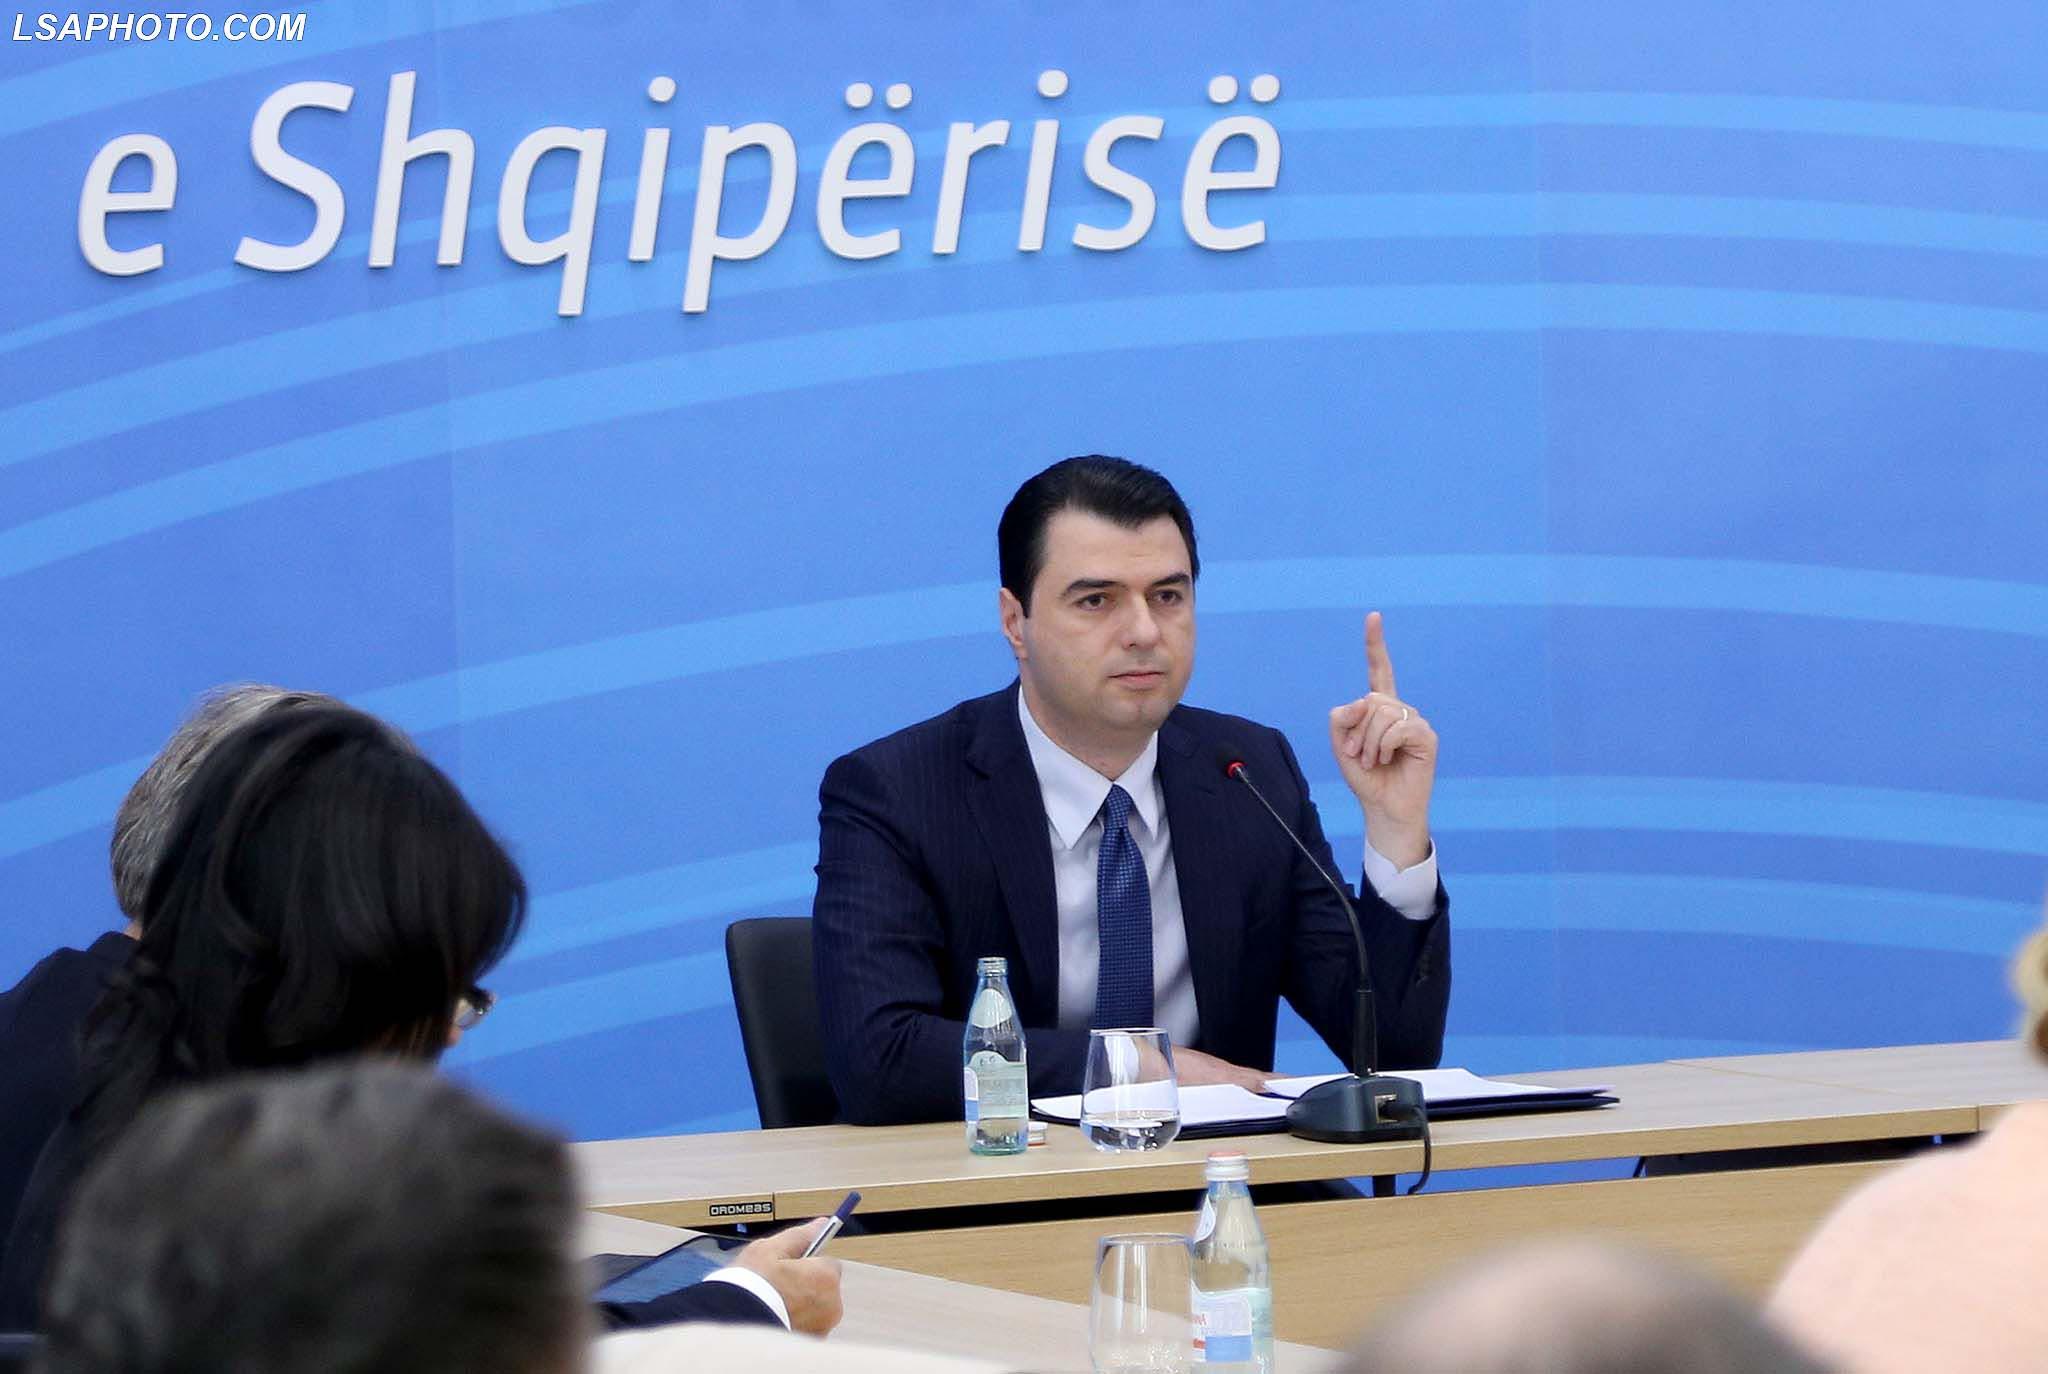 Zgjedhjet/Lulzim Basha, i propozoi kryesisë marrjen e 3 vendimeve te rëndësishme